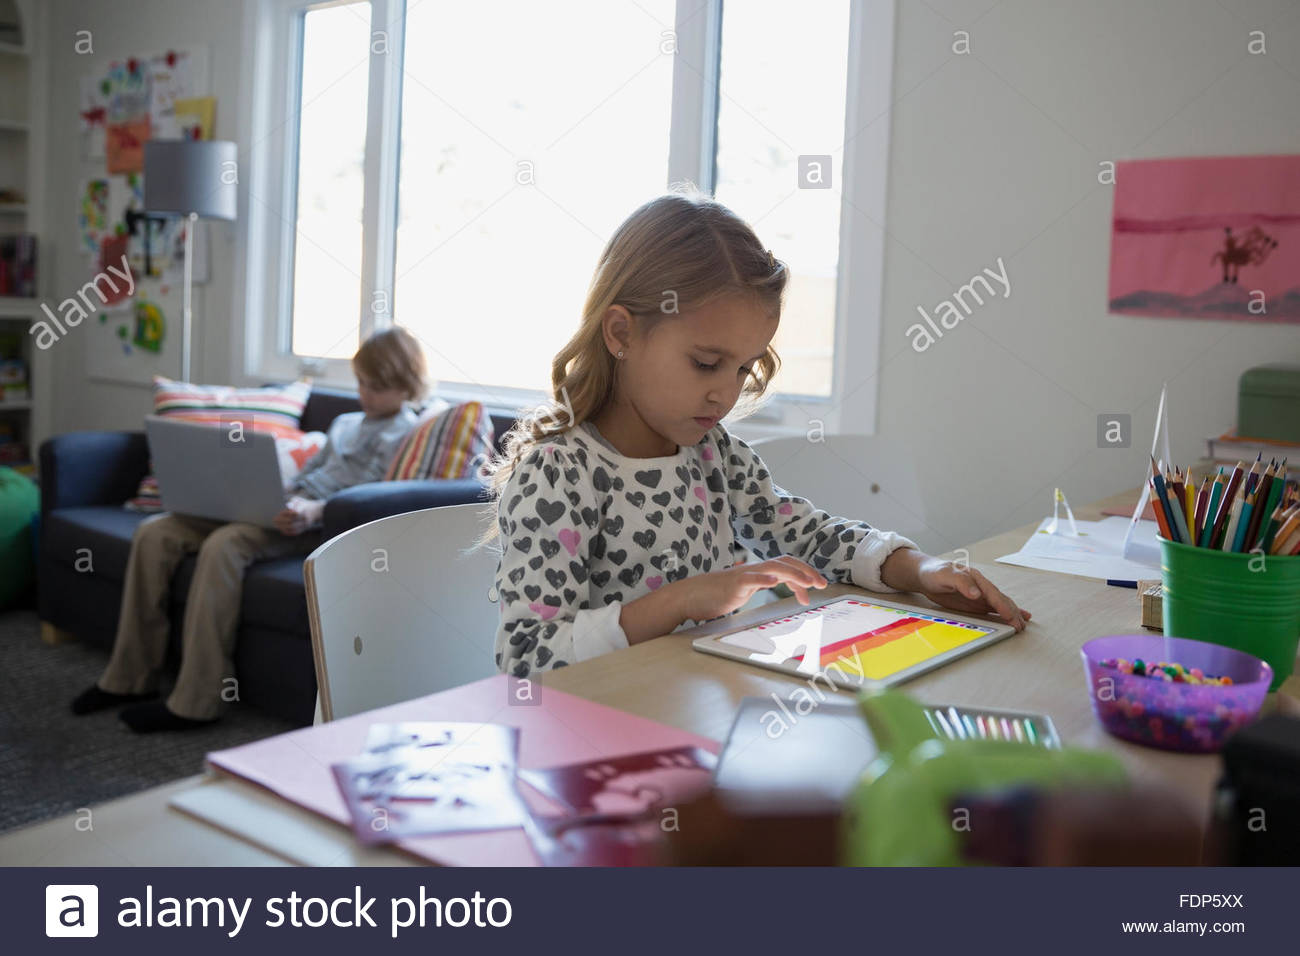 Ragazza con tavoletta digitale alla scrivania Immagini Stock